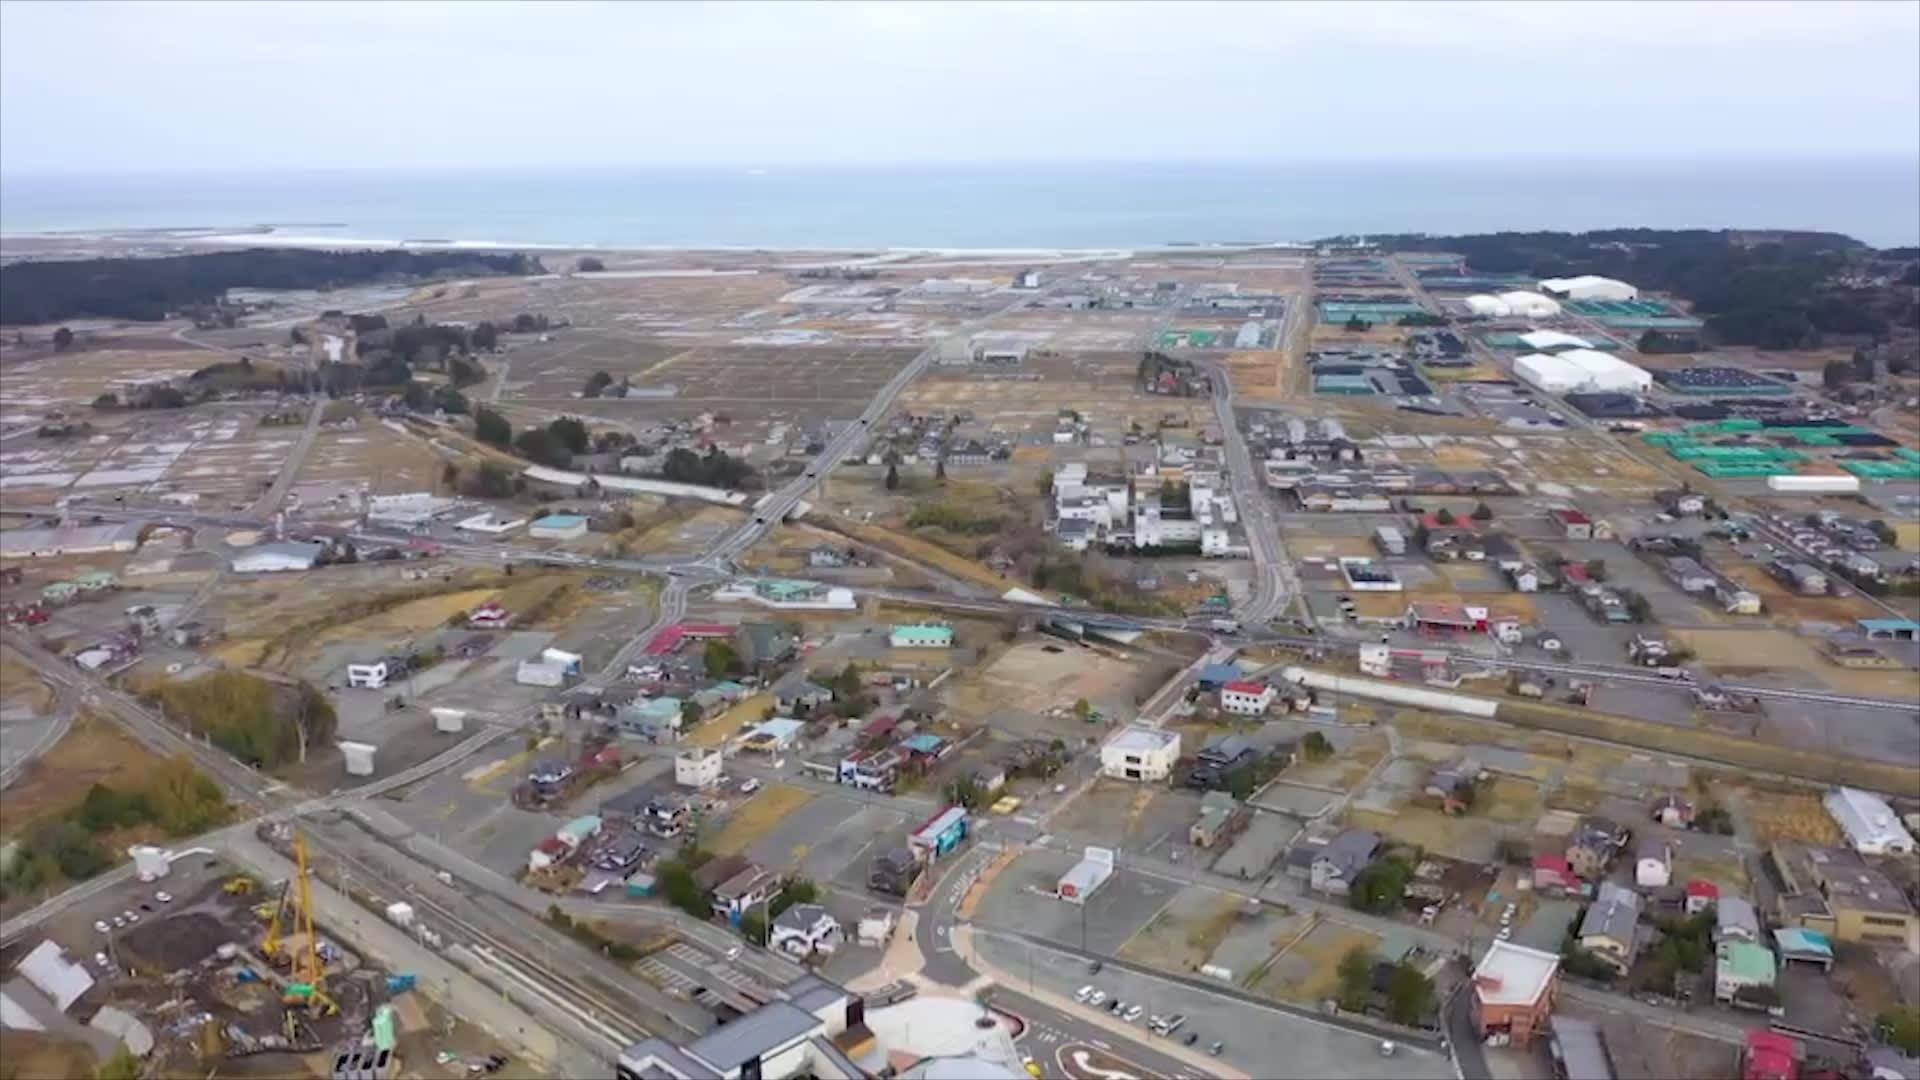 معاناة سكان فوكوشيما مستمرة مع استعدادات الألعاب الأولمبية في اليابان